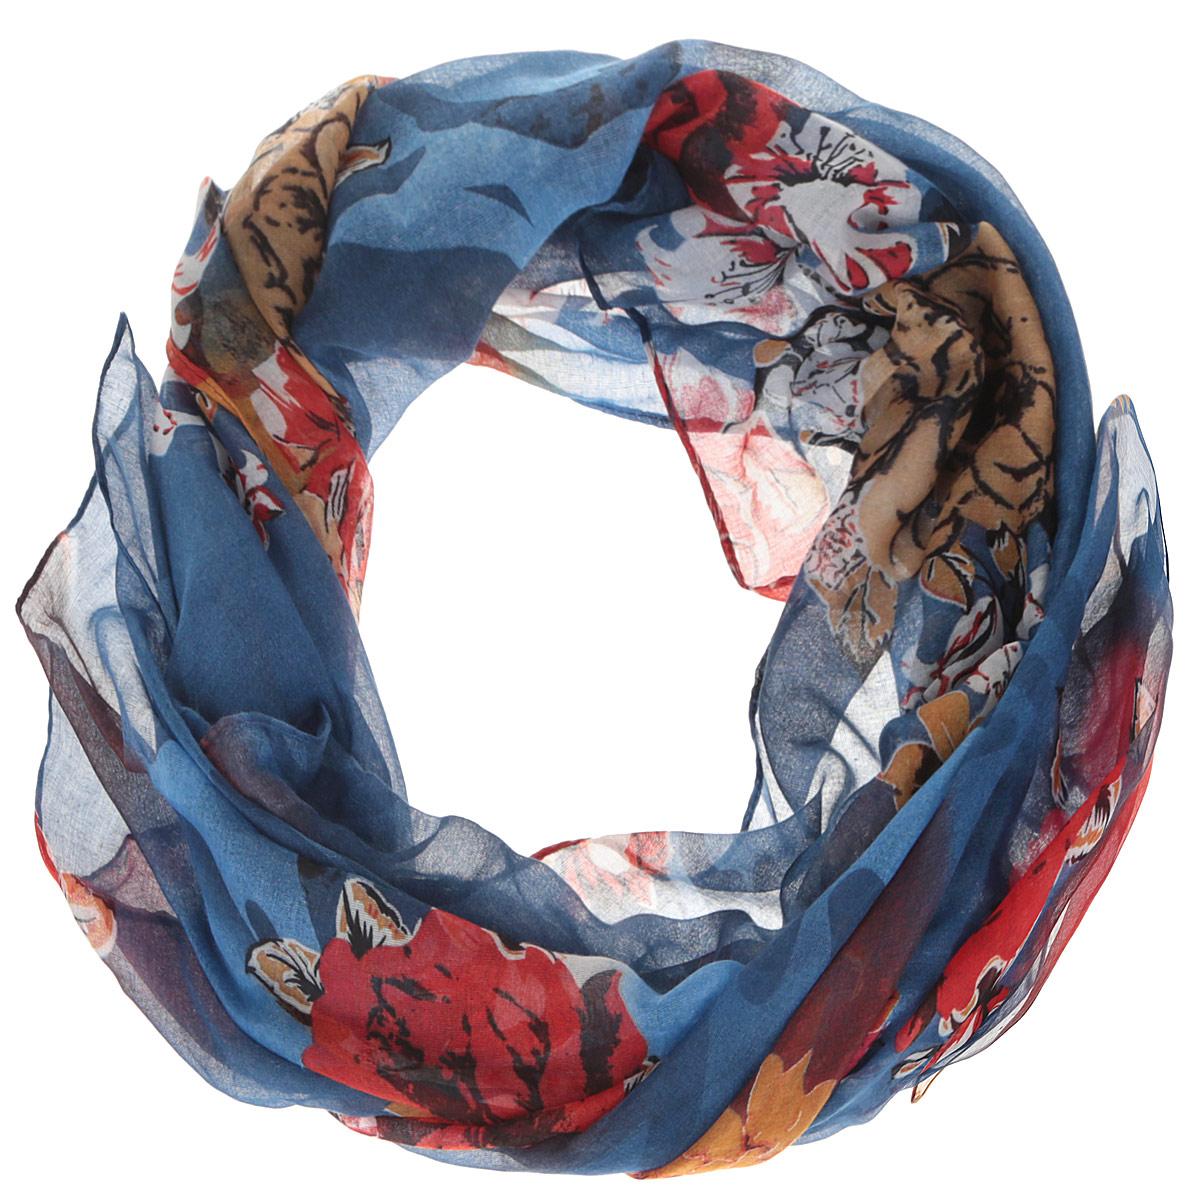 Шарф женский. JH599JH599-1Модный женский шарф Fabretti подарит вам уют и станет стильным аксессуаром, который призван подчеркнуть вашу индивидуальность и женственность. Тонкий шарф выполнен из высококачественной 100% вискозы, он невероятно мягкий и приятный на ощупь. Шарф оформлен принтом с изображением пышных цветов. Этот модный аксессуар гармонично дополнит образ современной женщины, следящей за своим имиджем и стремящейся всегда оставаться стильной и элегантной. Такой шарф украсит любой наряд и согреет вас в непогоду, с ним вы всегда будете выглядеть изысканно и оригинально.